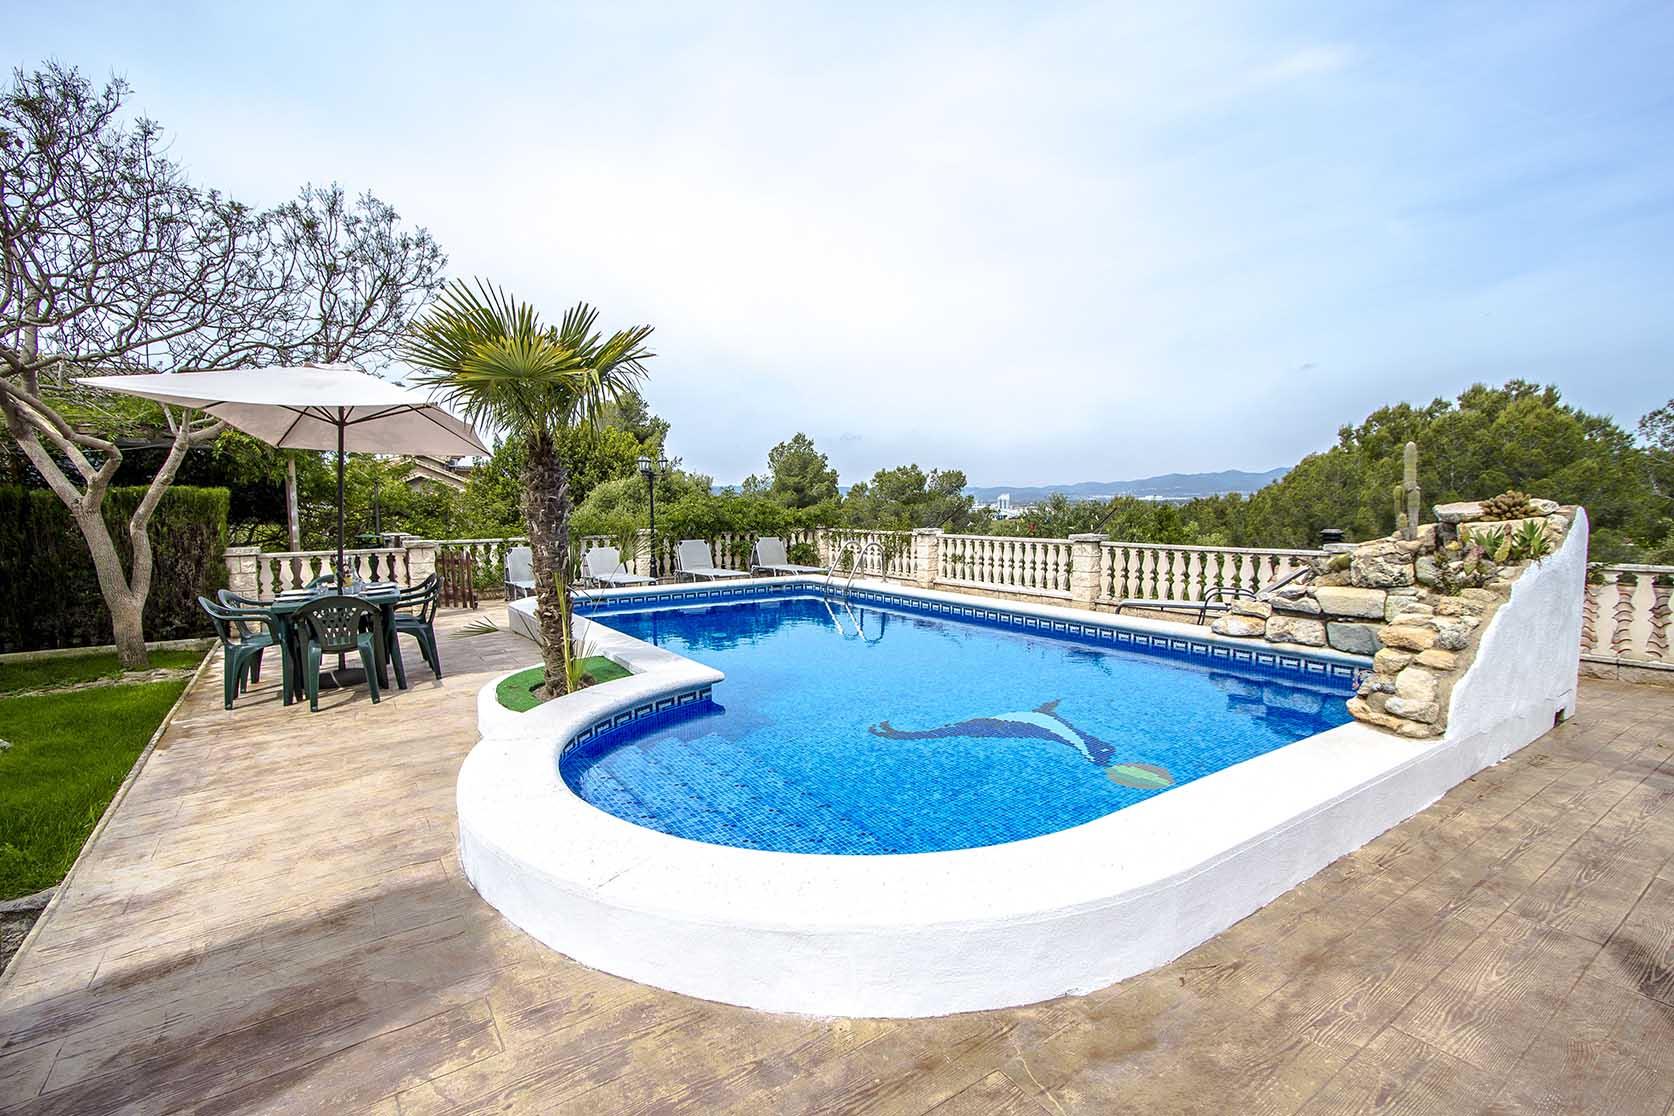 Ferienhaus Catalunya Casas: Lovely villa in Castellet, only 10 min to Costa Dorada beaches! (1890850), Castellet i la Gornal, Costa del Garraf, Katalonien, Spanien, Bild 4